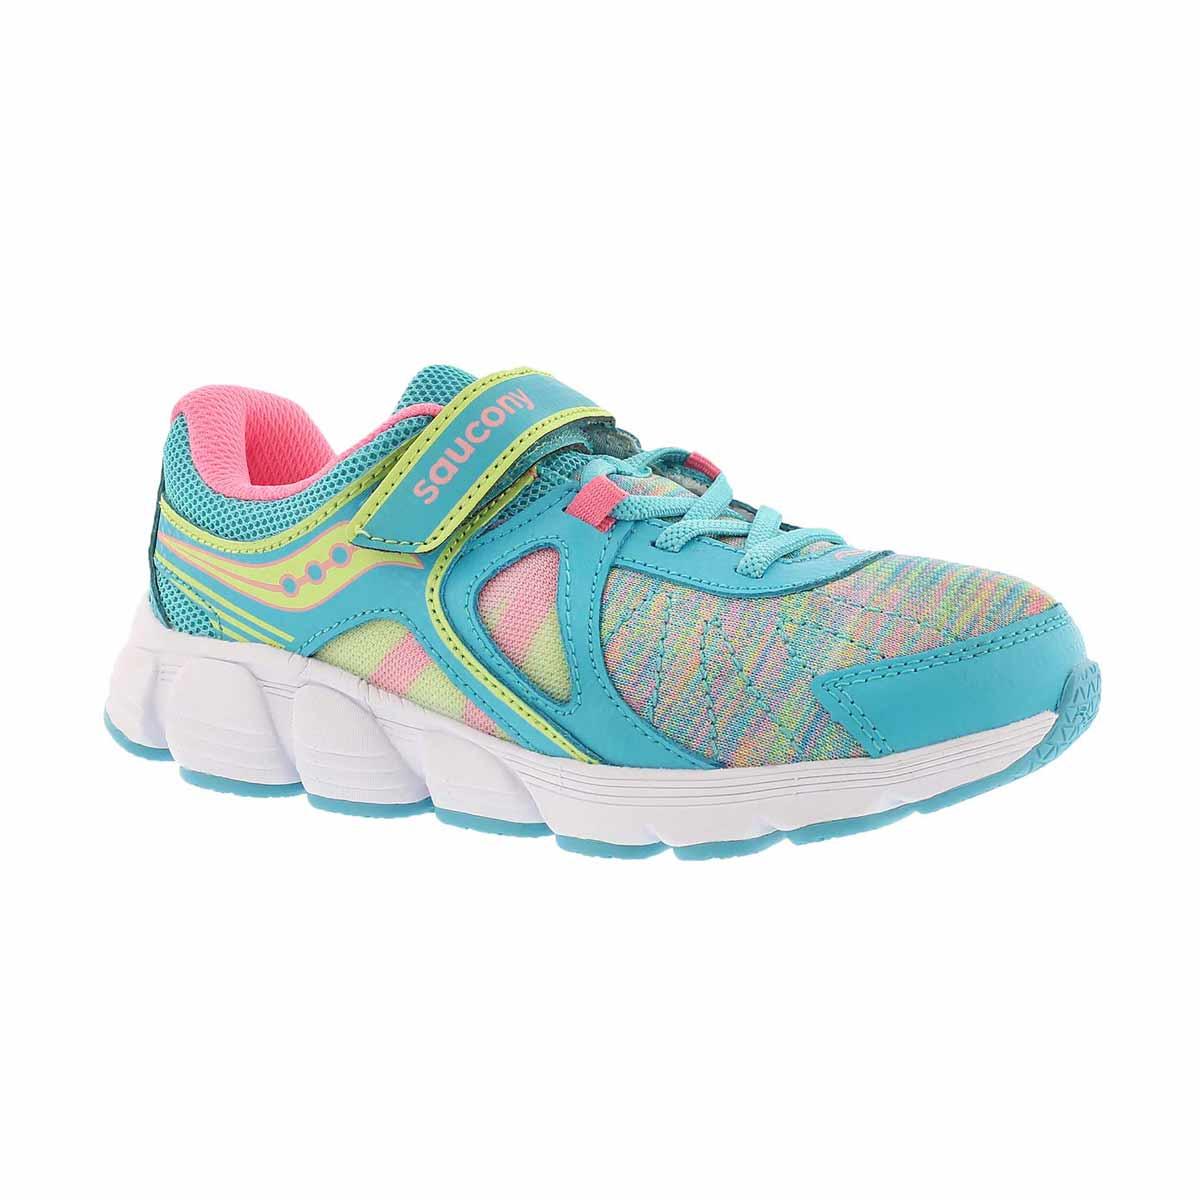 Girls' KOTARO 3 AC turquoise/multi running shoes